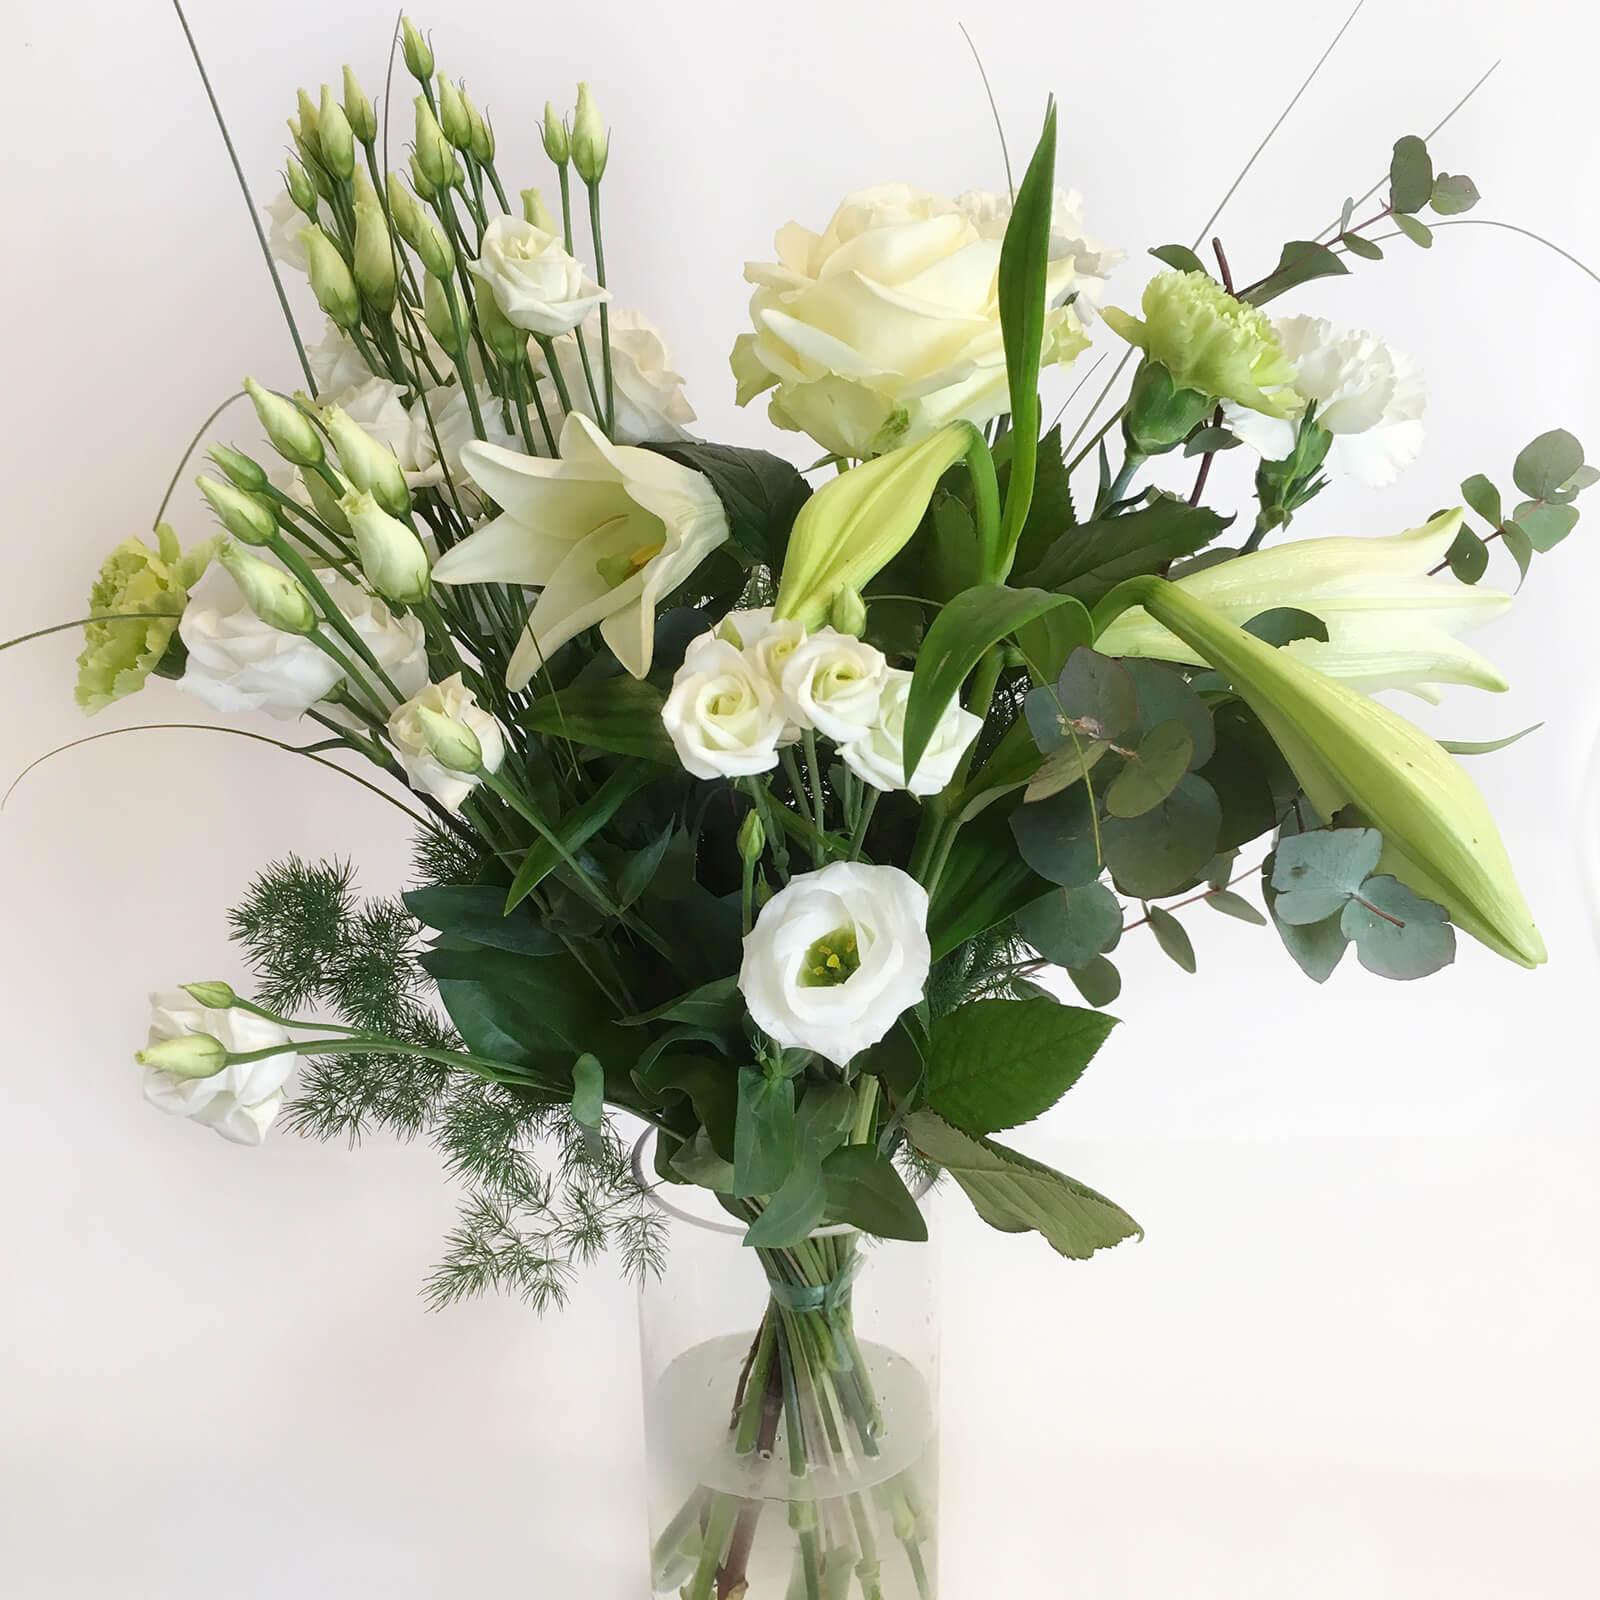 En luftig bukett med blandade blommor i vitt. Skicka blommor i Hunnebostrand, Kungshamn, Väjern, Smögen, Bovallstrand och Hovenäset.